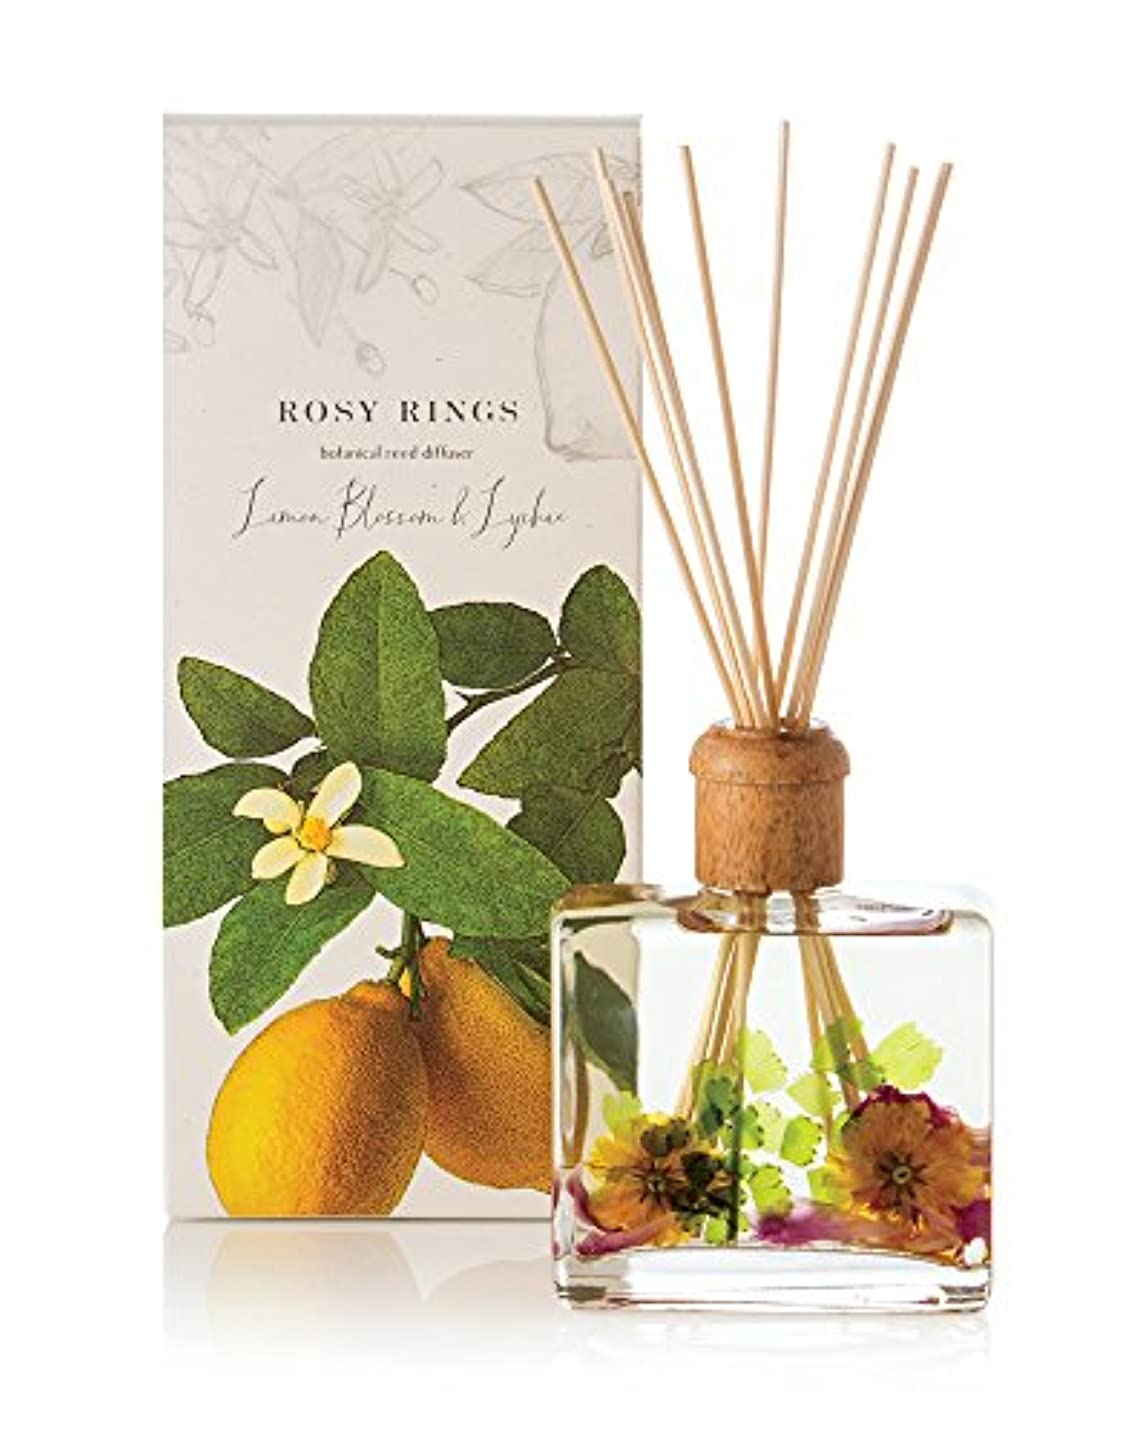 またはどちらかゼリー安定したロージーリングス ボタニカルリードディフューザー レモンブロッサム&ライチ ROSY RINGS Signature Collection Botanical Reed Diffuser – Lemon Blossom...